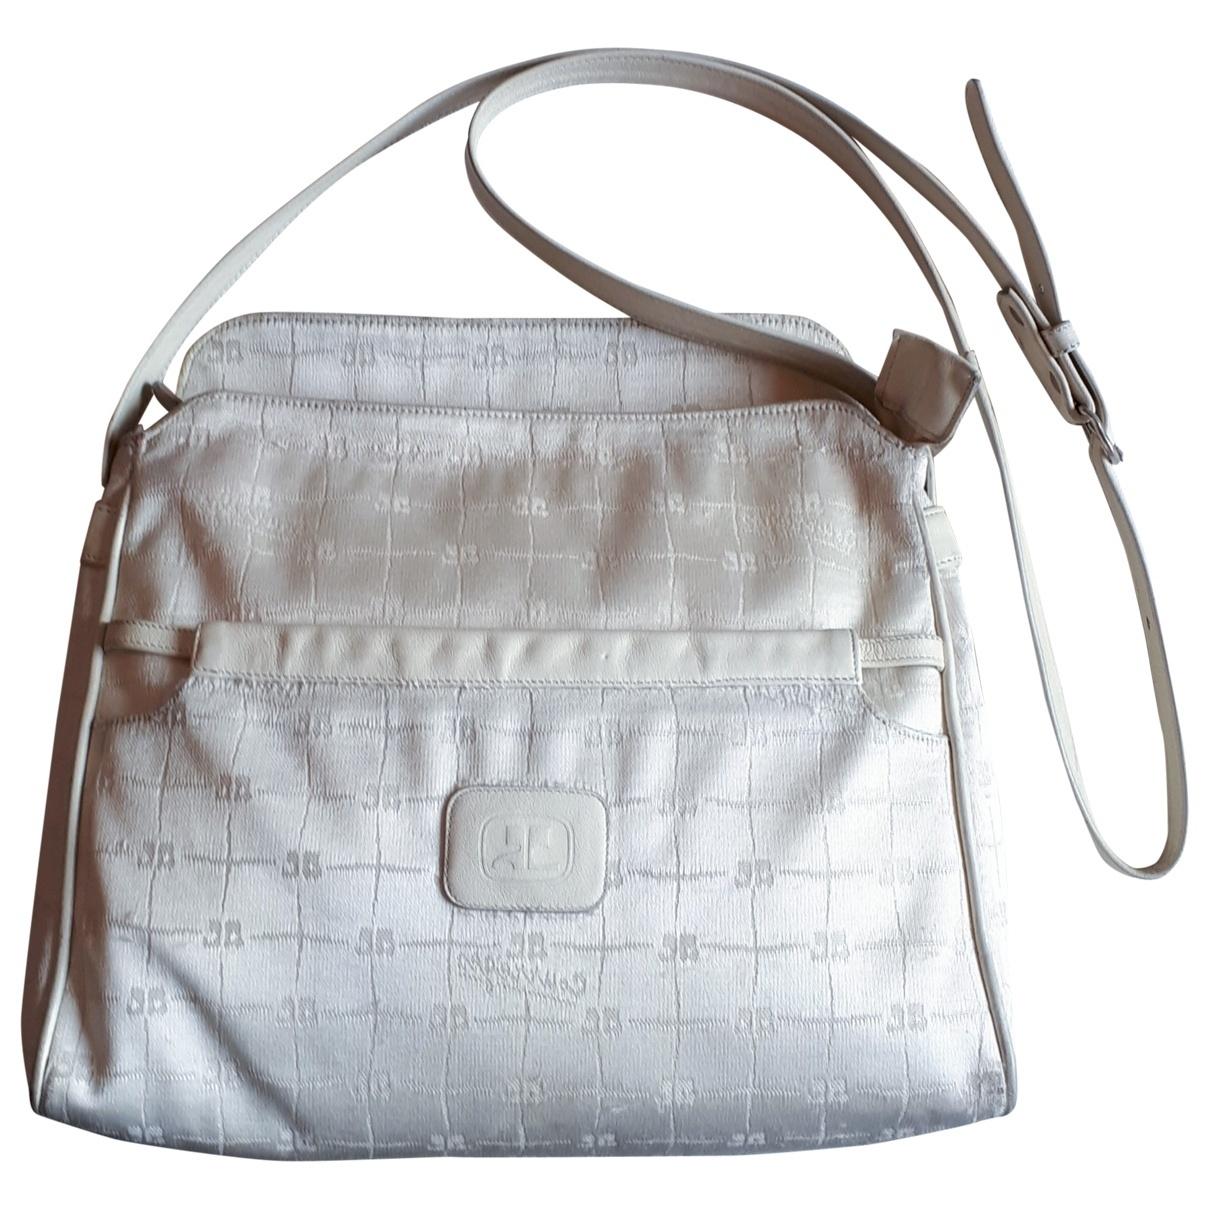 Courreges \N Handtasche in  Weiss Leinen